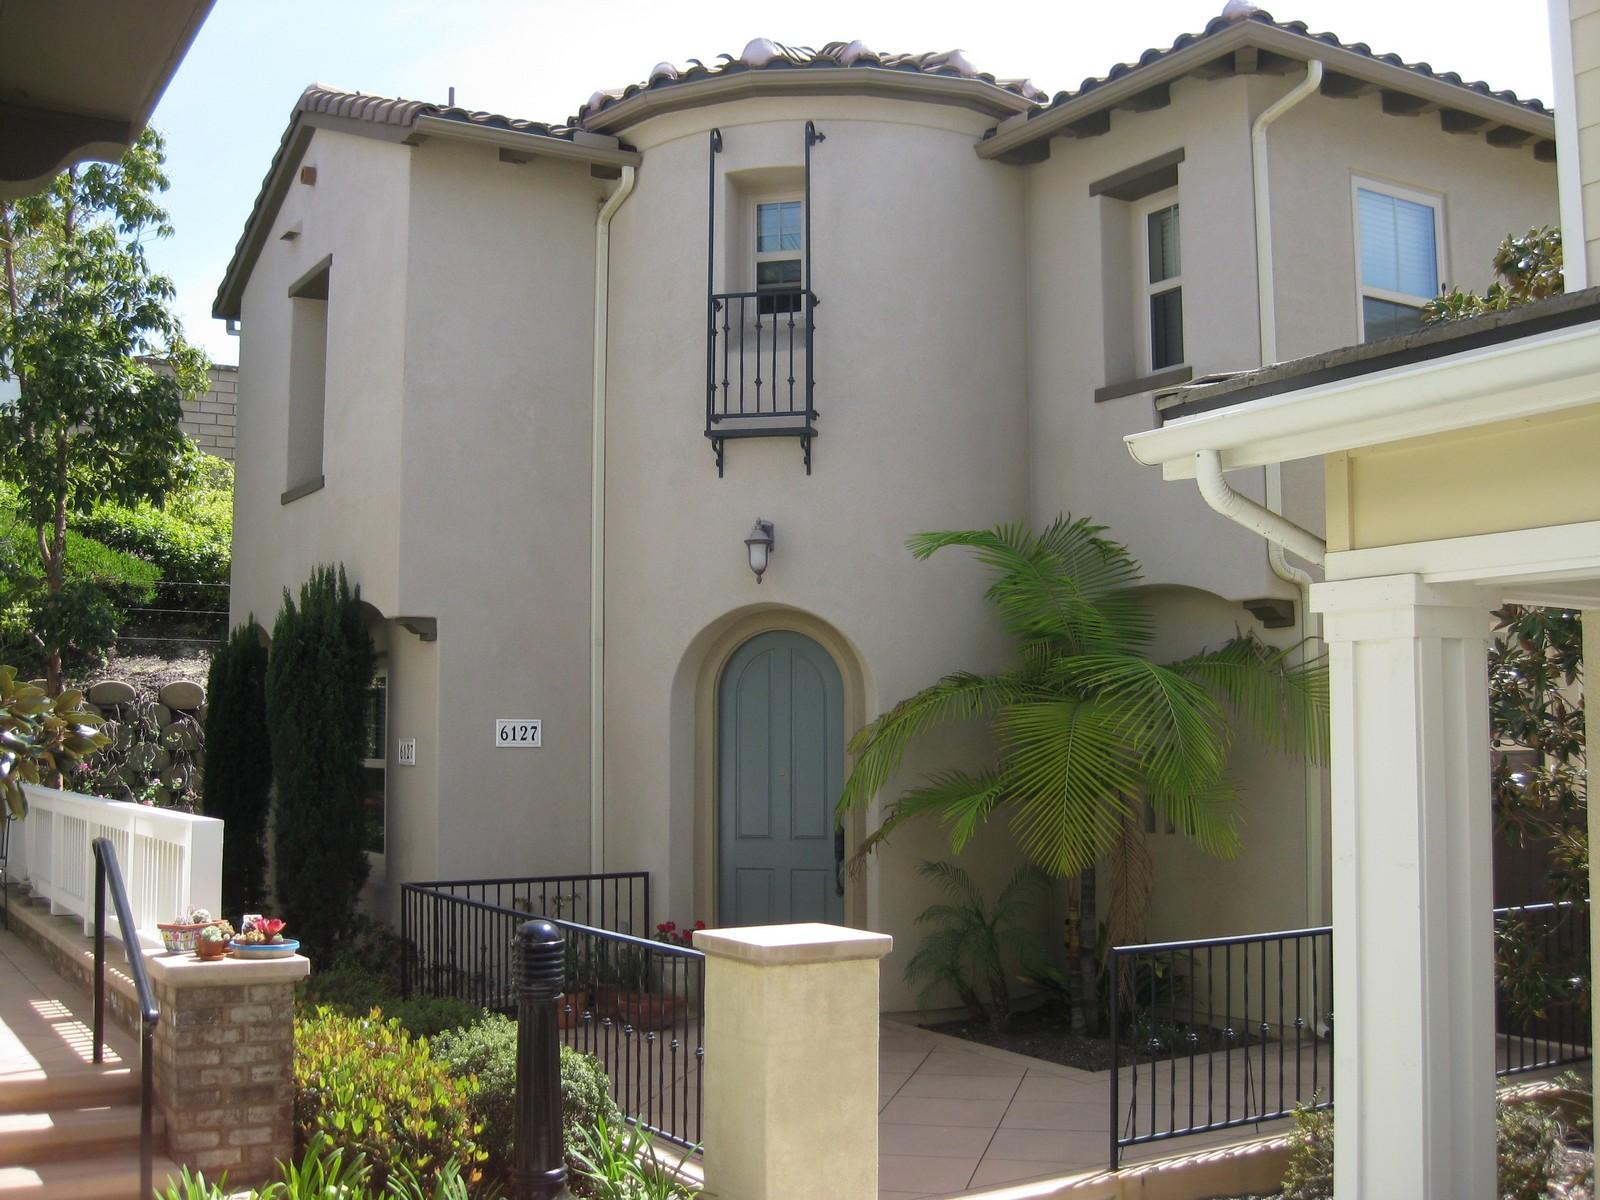 独户住宅 为 销售 在 6127 African Holly Trail 圣地亚哥, 加利福尼亚州, 92130 美国